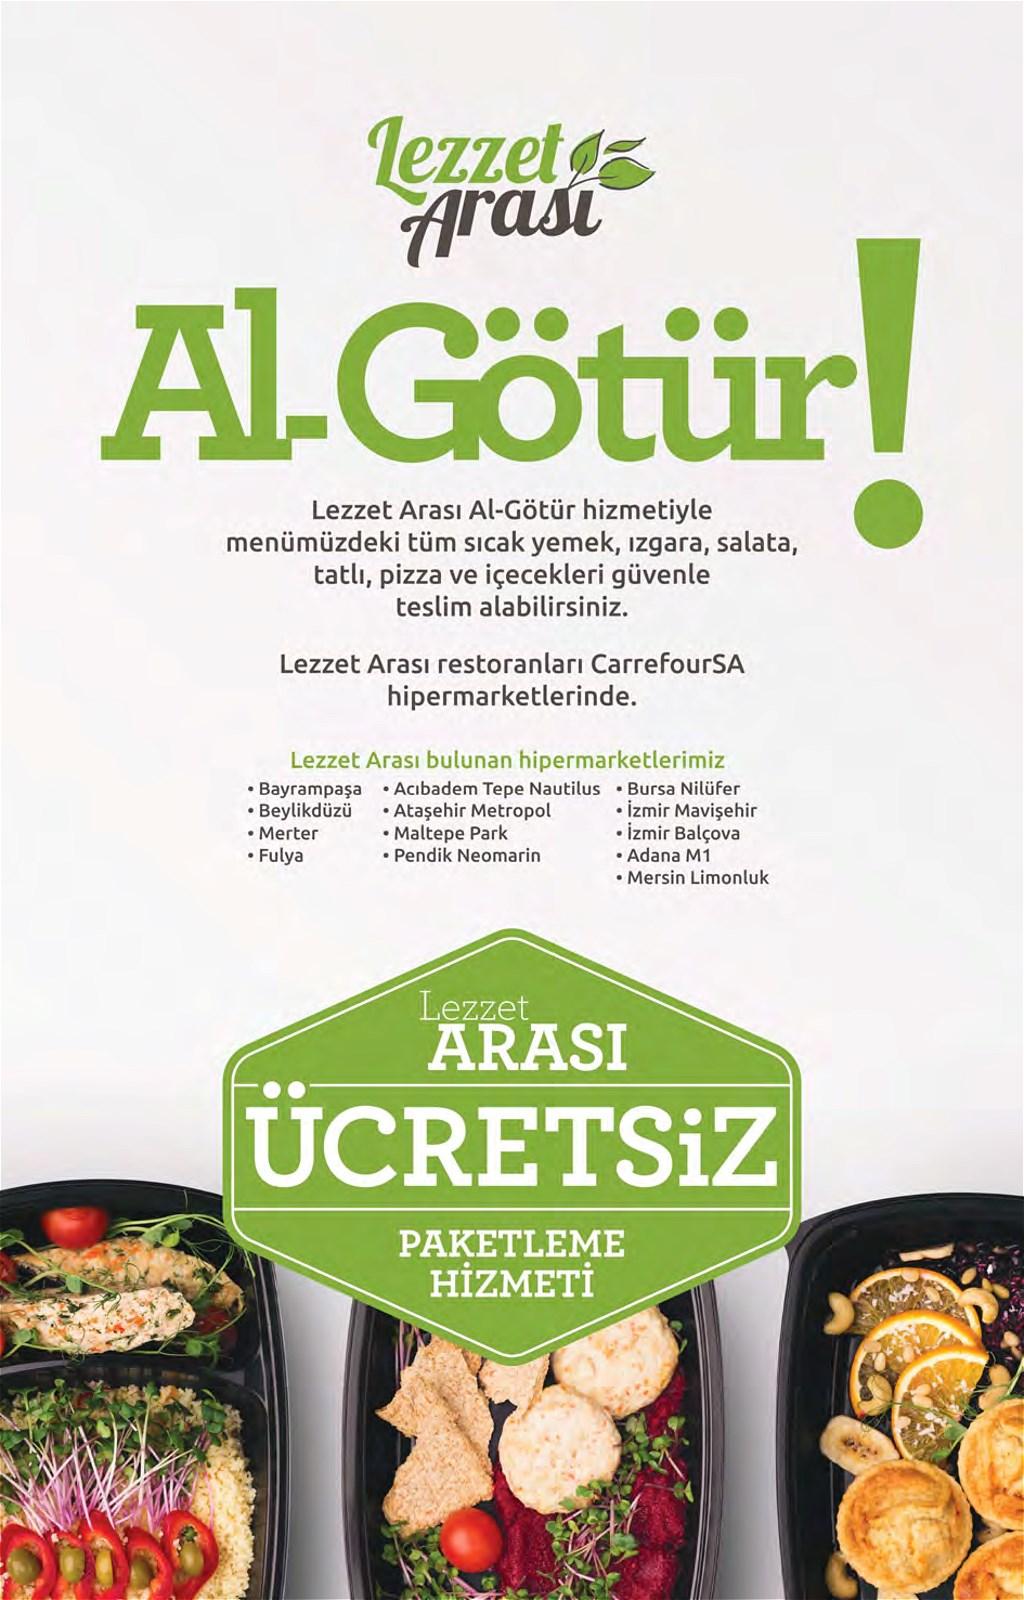 01.06.2021 CarrefourSA broşürü 11. sayfa